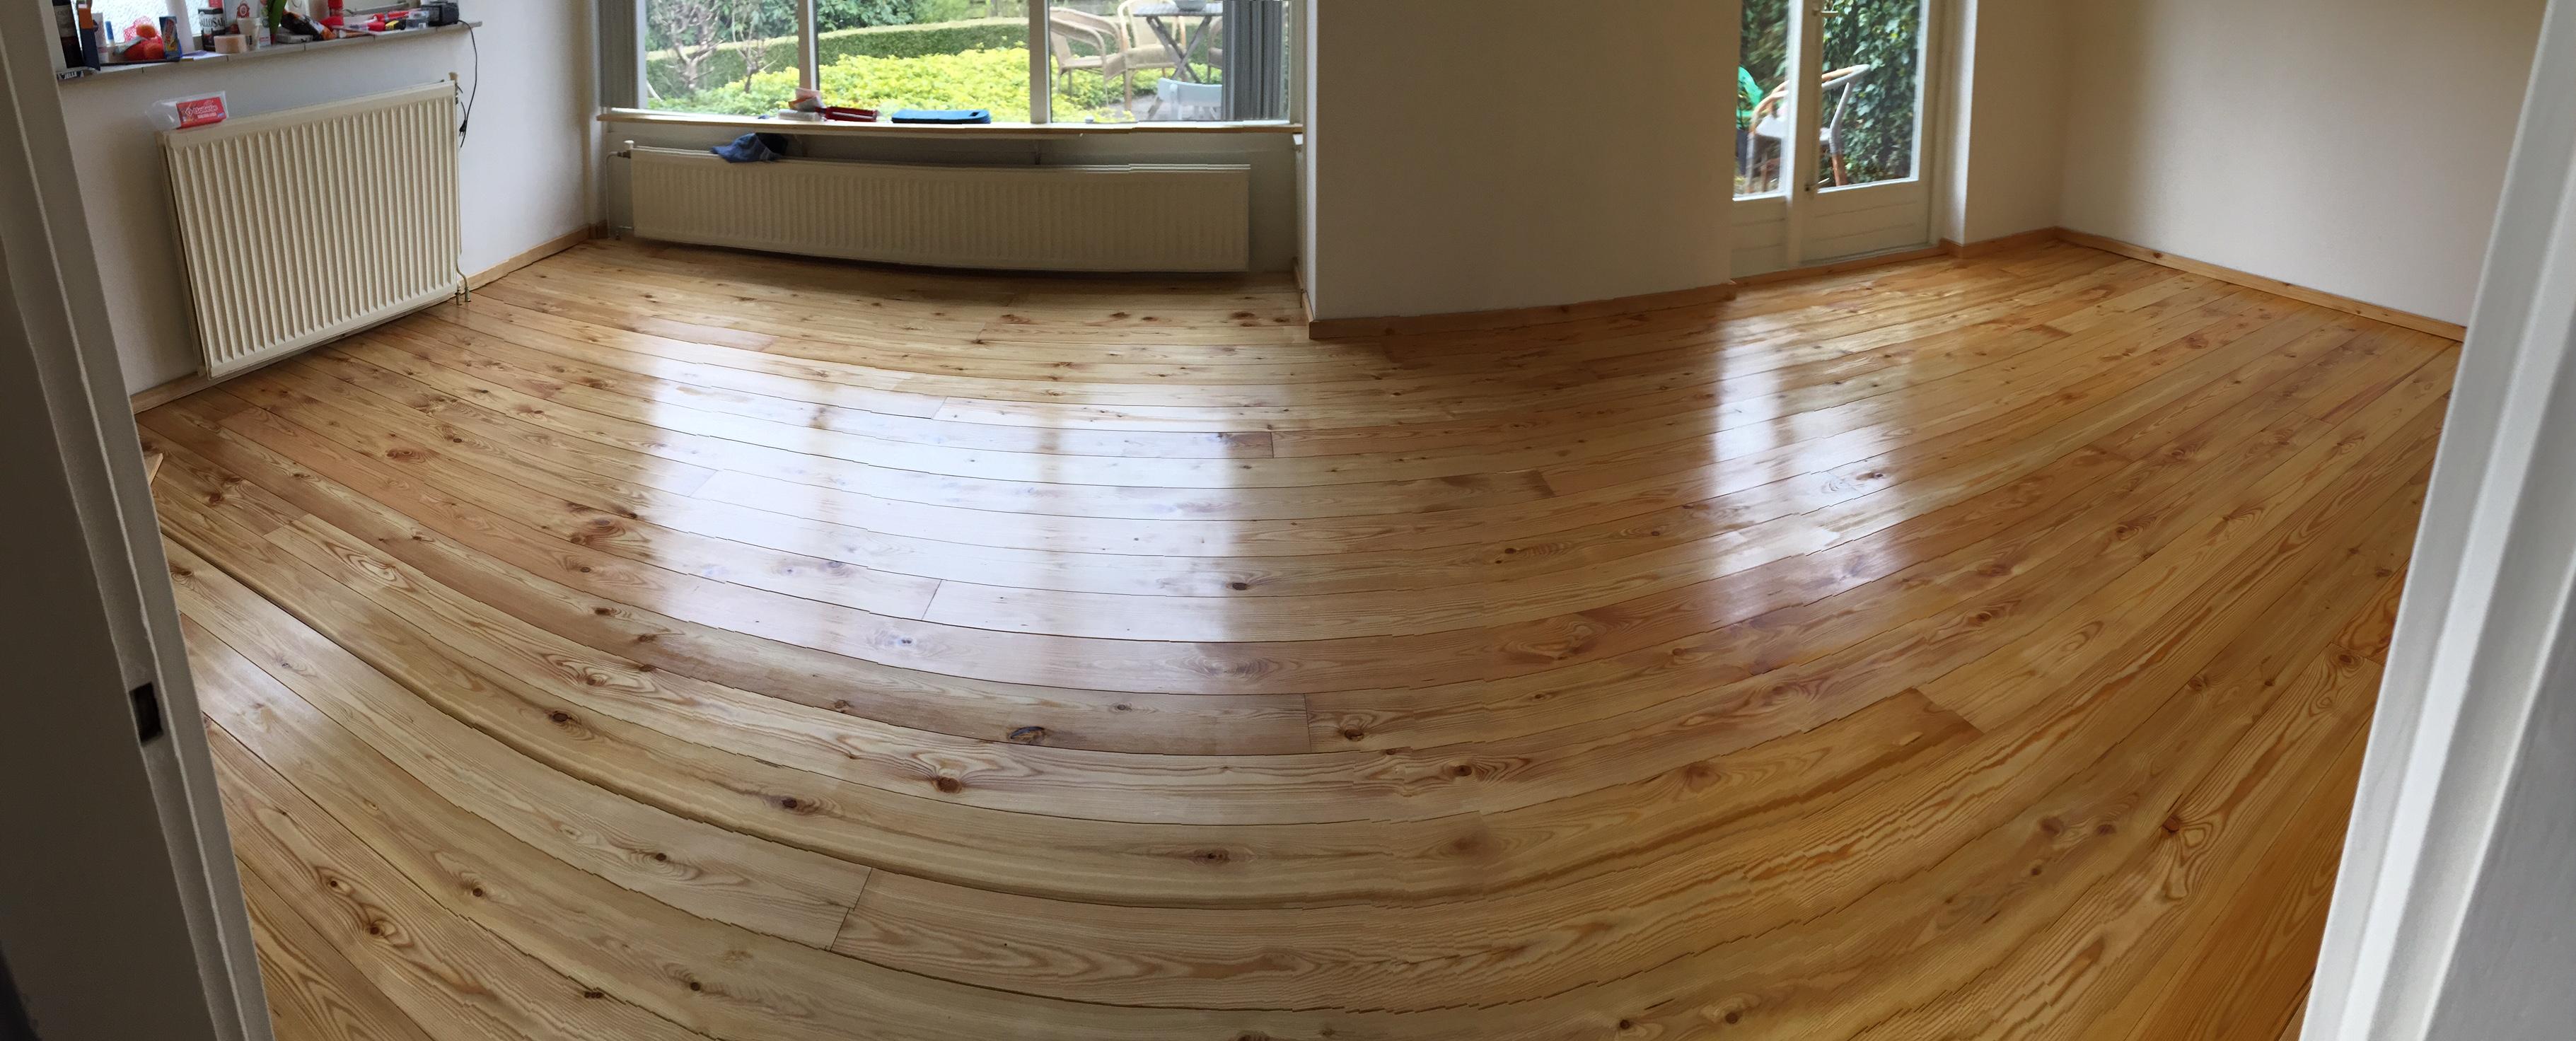 zelf een houten vloer leggen eppinga